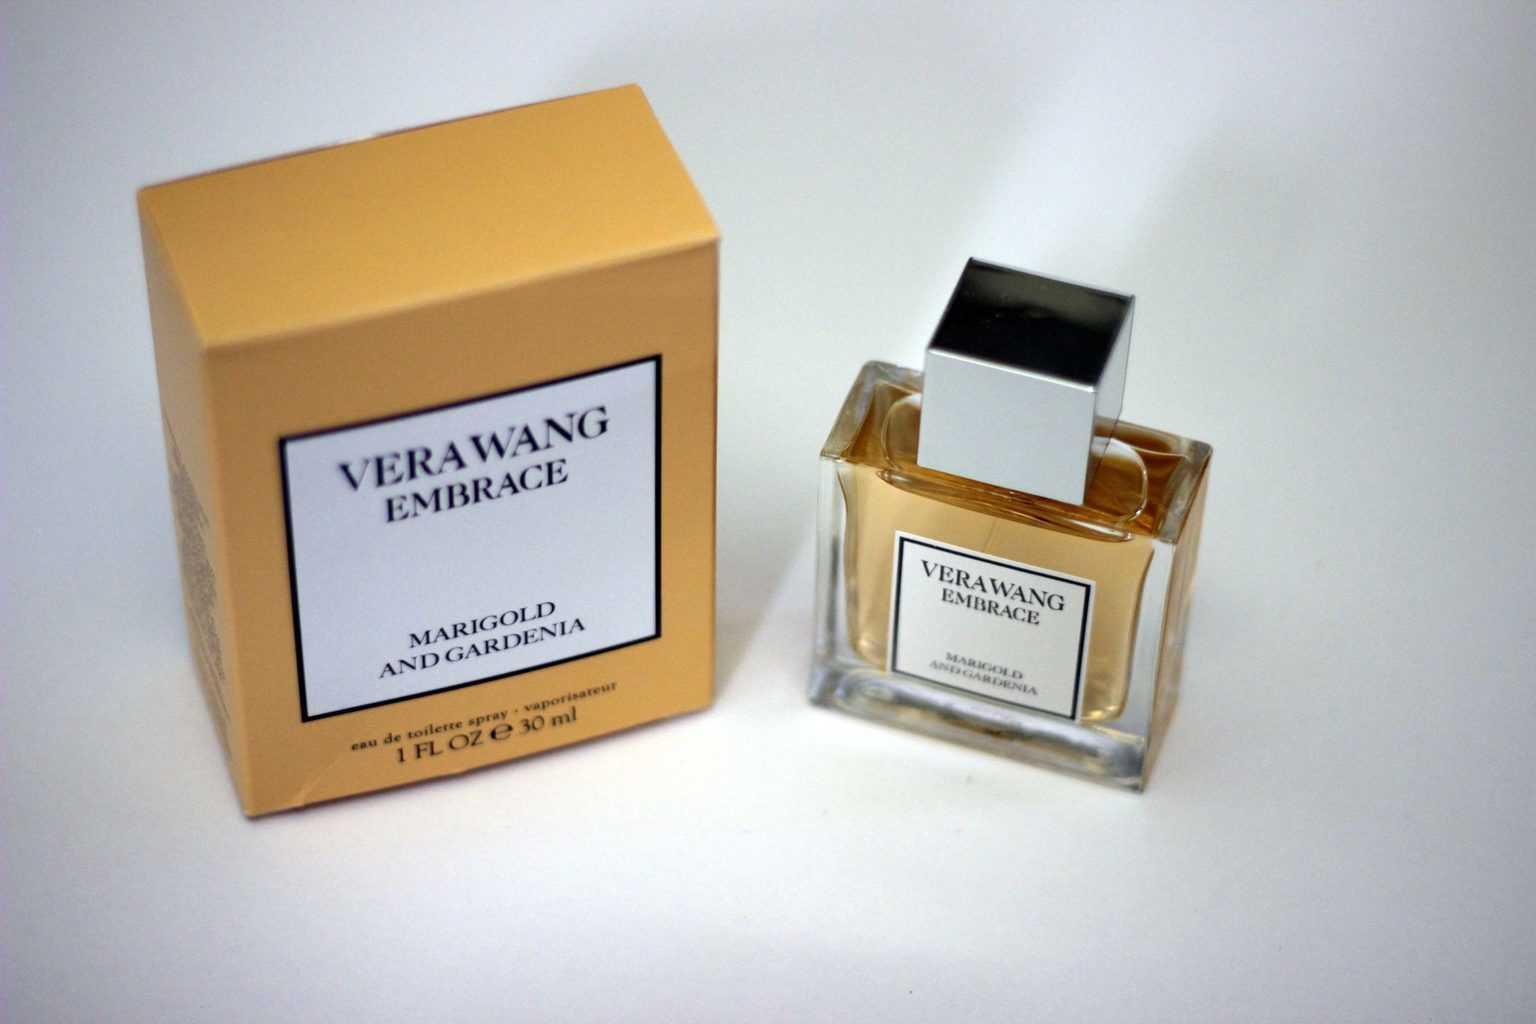 vera wang marigold and gardenia confidence